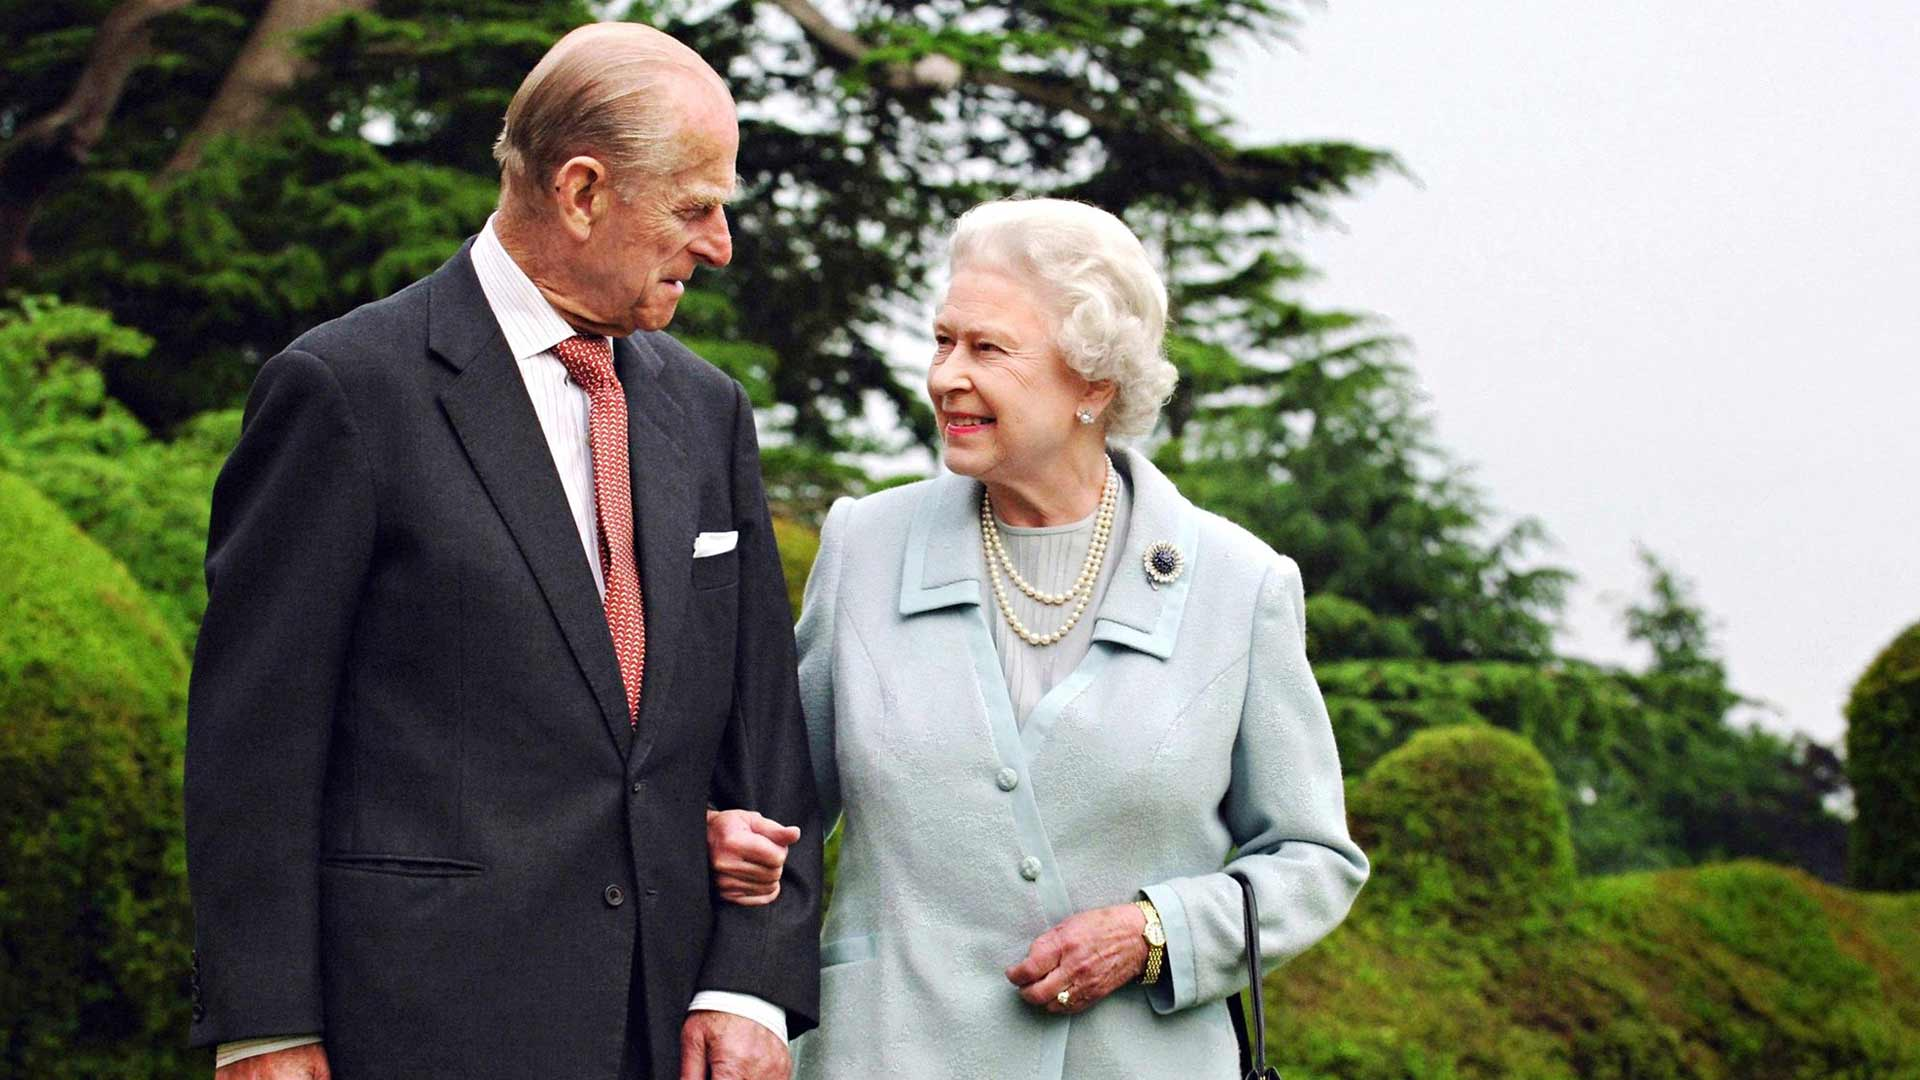 Philip ja Elisabet palasivat 60-vuotishääpäivänsä kunniaksi Broadlandsin kartanoon, jossa he viettivät osan kuherruskuukauttaan vuonna 1947. Paikan omisti tuolloin Philipin setä.